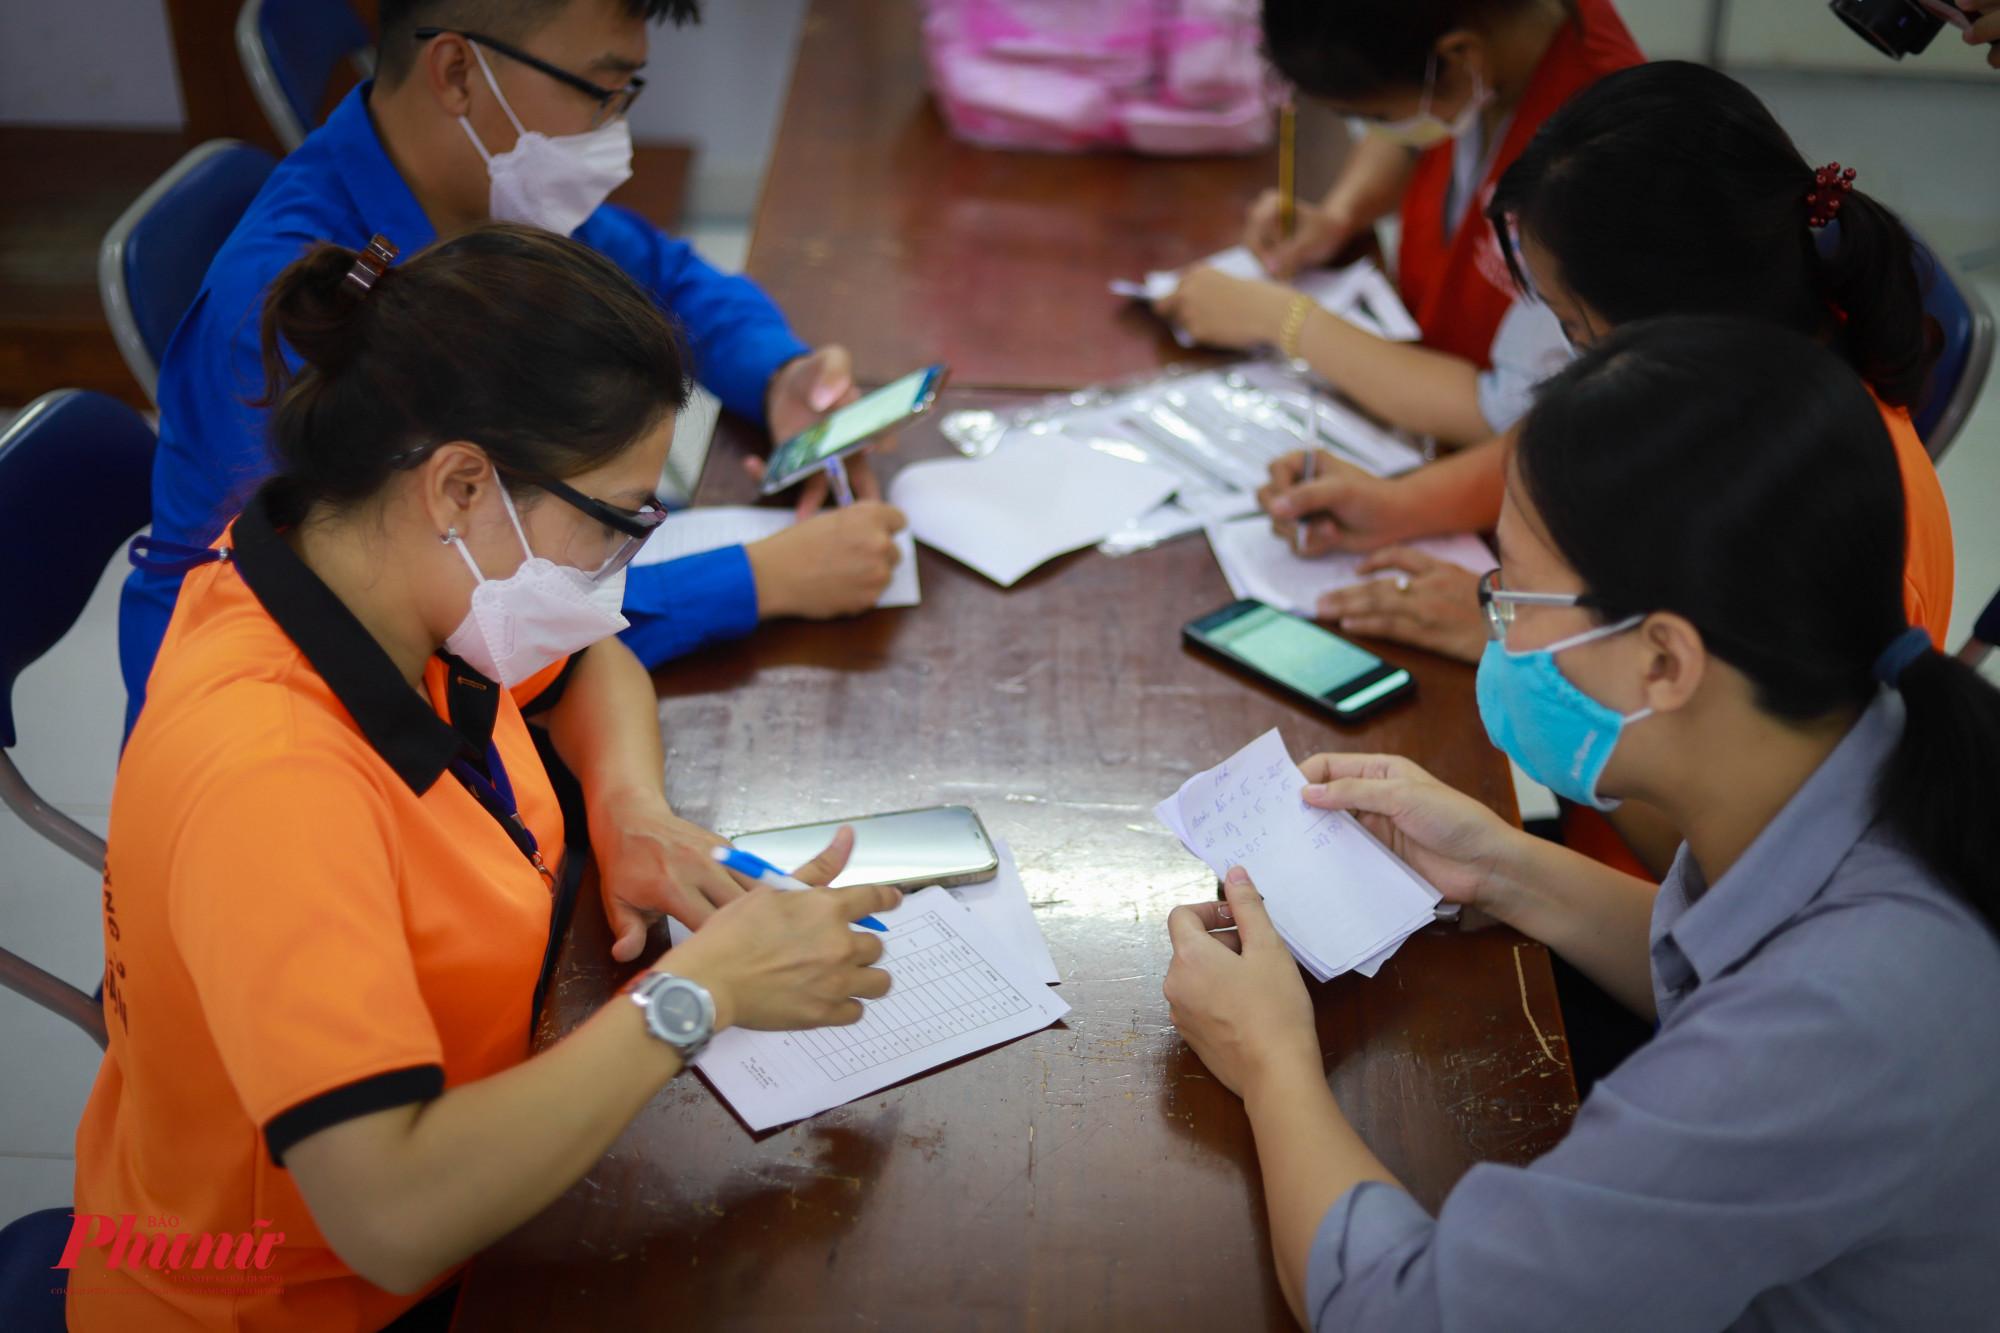 Tổ tình nguyện phường 3, quận Phú Nhuận kiểm tra đơn hàng của người dân trước khi gửi đến siêu thị